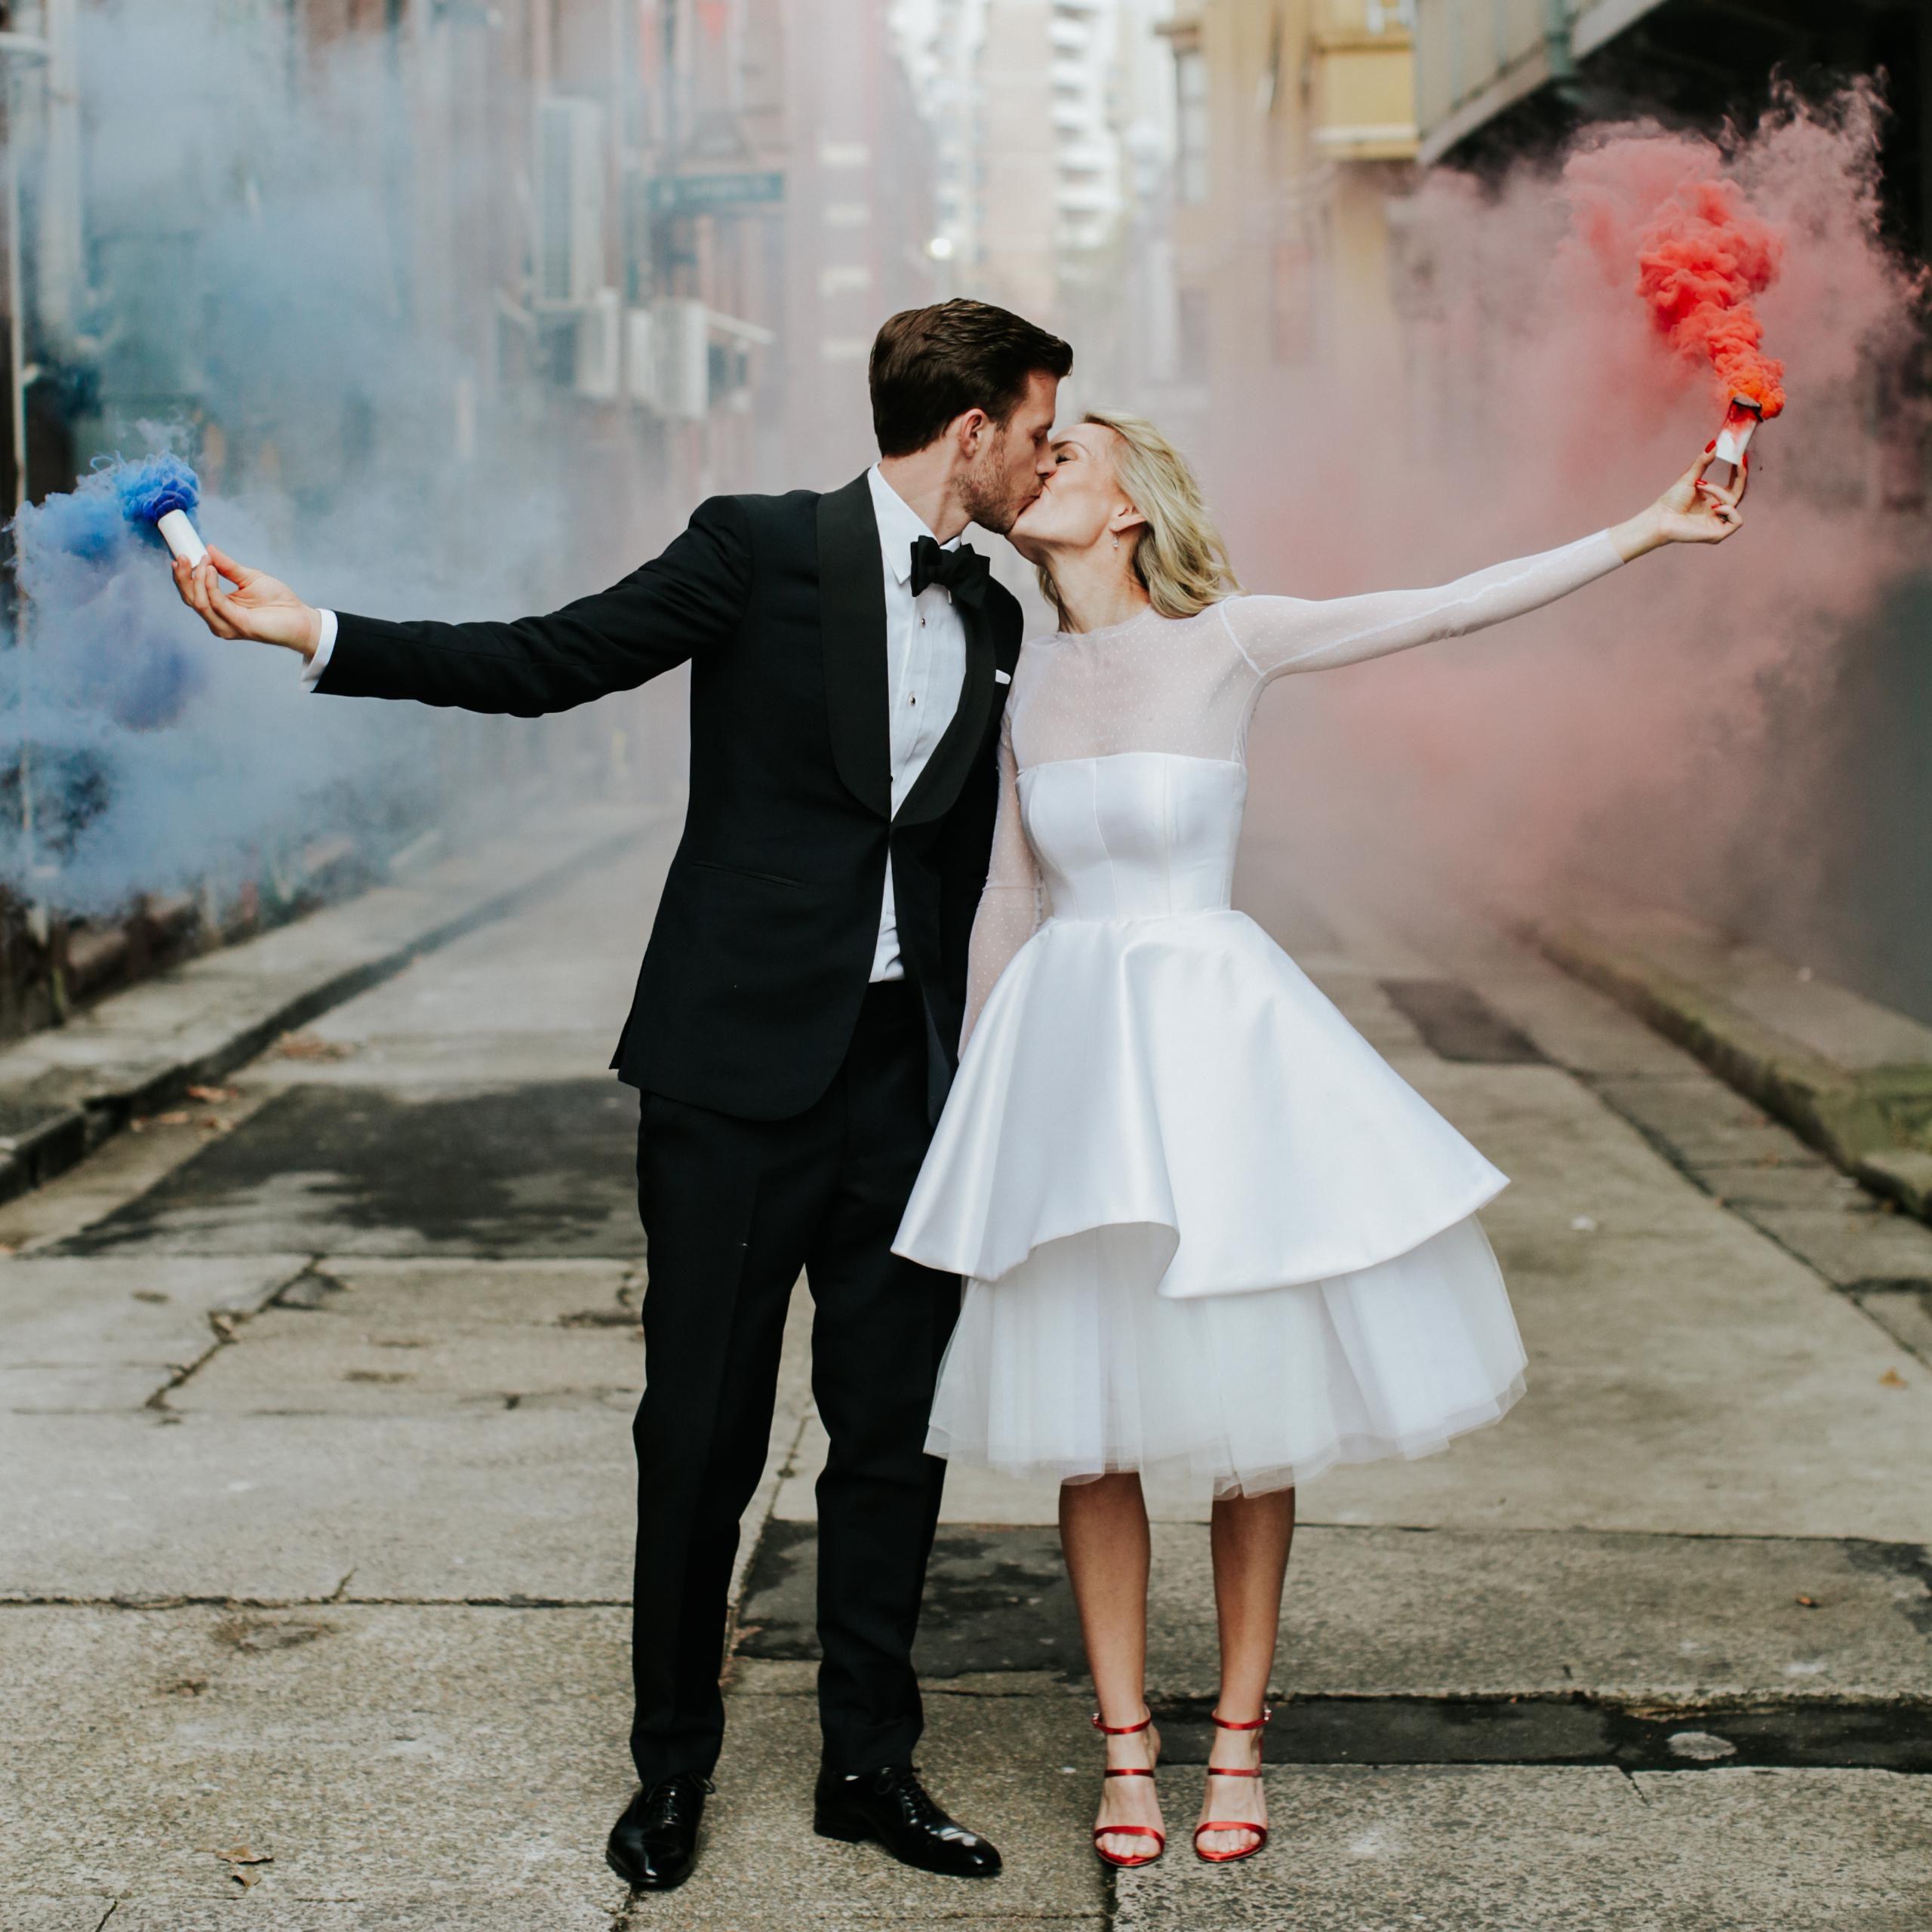 13 Festive 4th of July Wedding Ideas